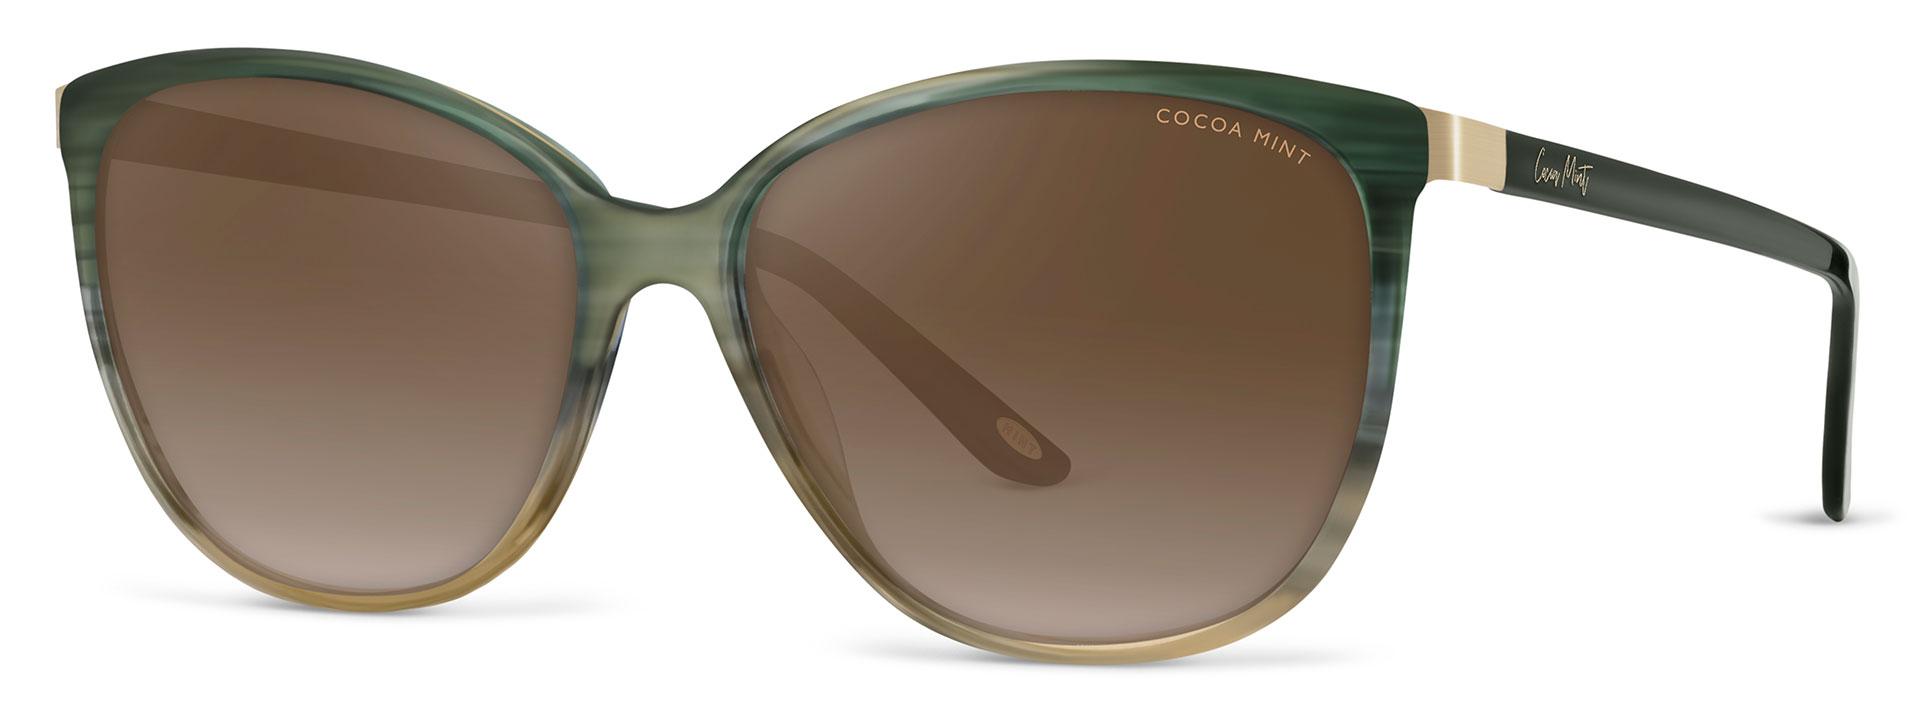 Cocoa Mint Sun Glasses - Green Ombre - CMS2071-C1